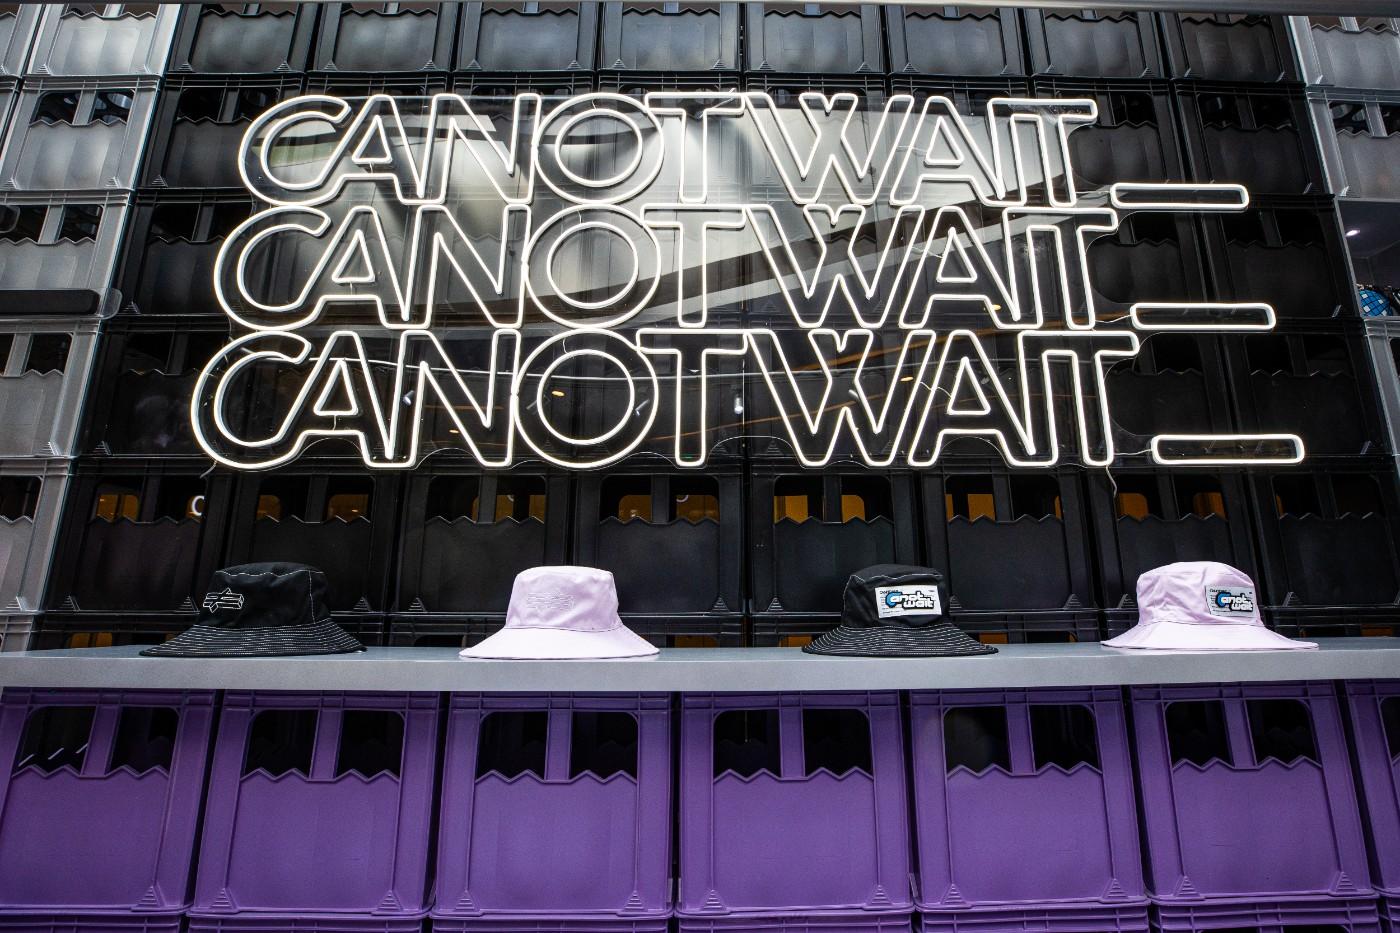 陈伟霆,CANOTWAIT_,北京  CANOTWAIT_ 北京夏日限定快闪店开放!怎么朋友圈都在这里打卡!